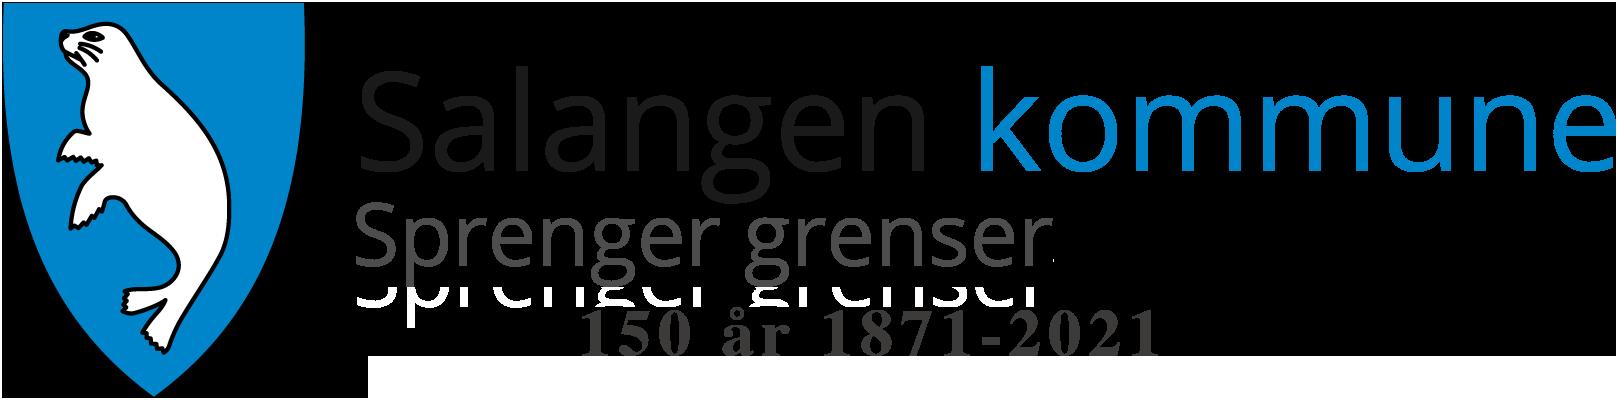 salangen-kommune-logo-150.-2psd.png